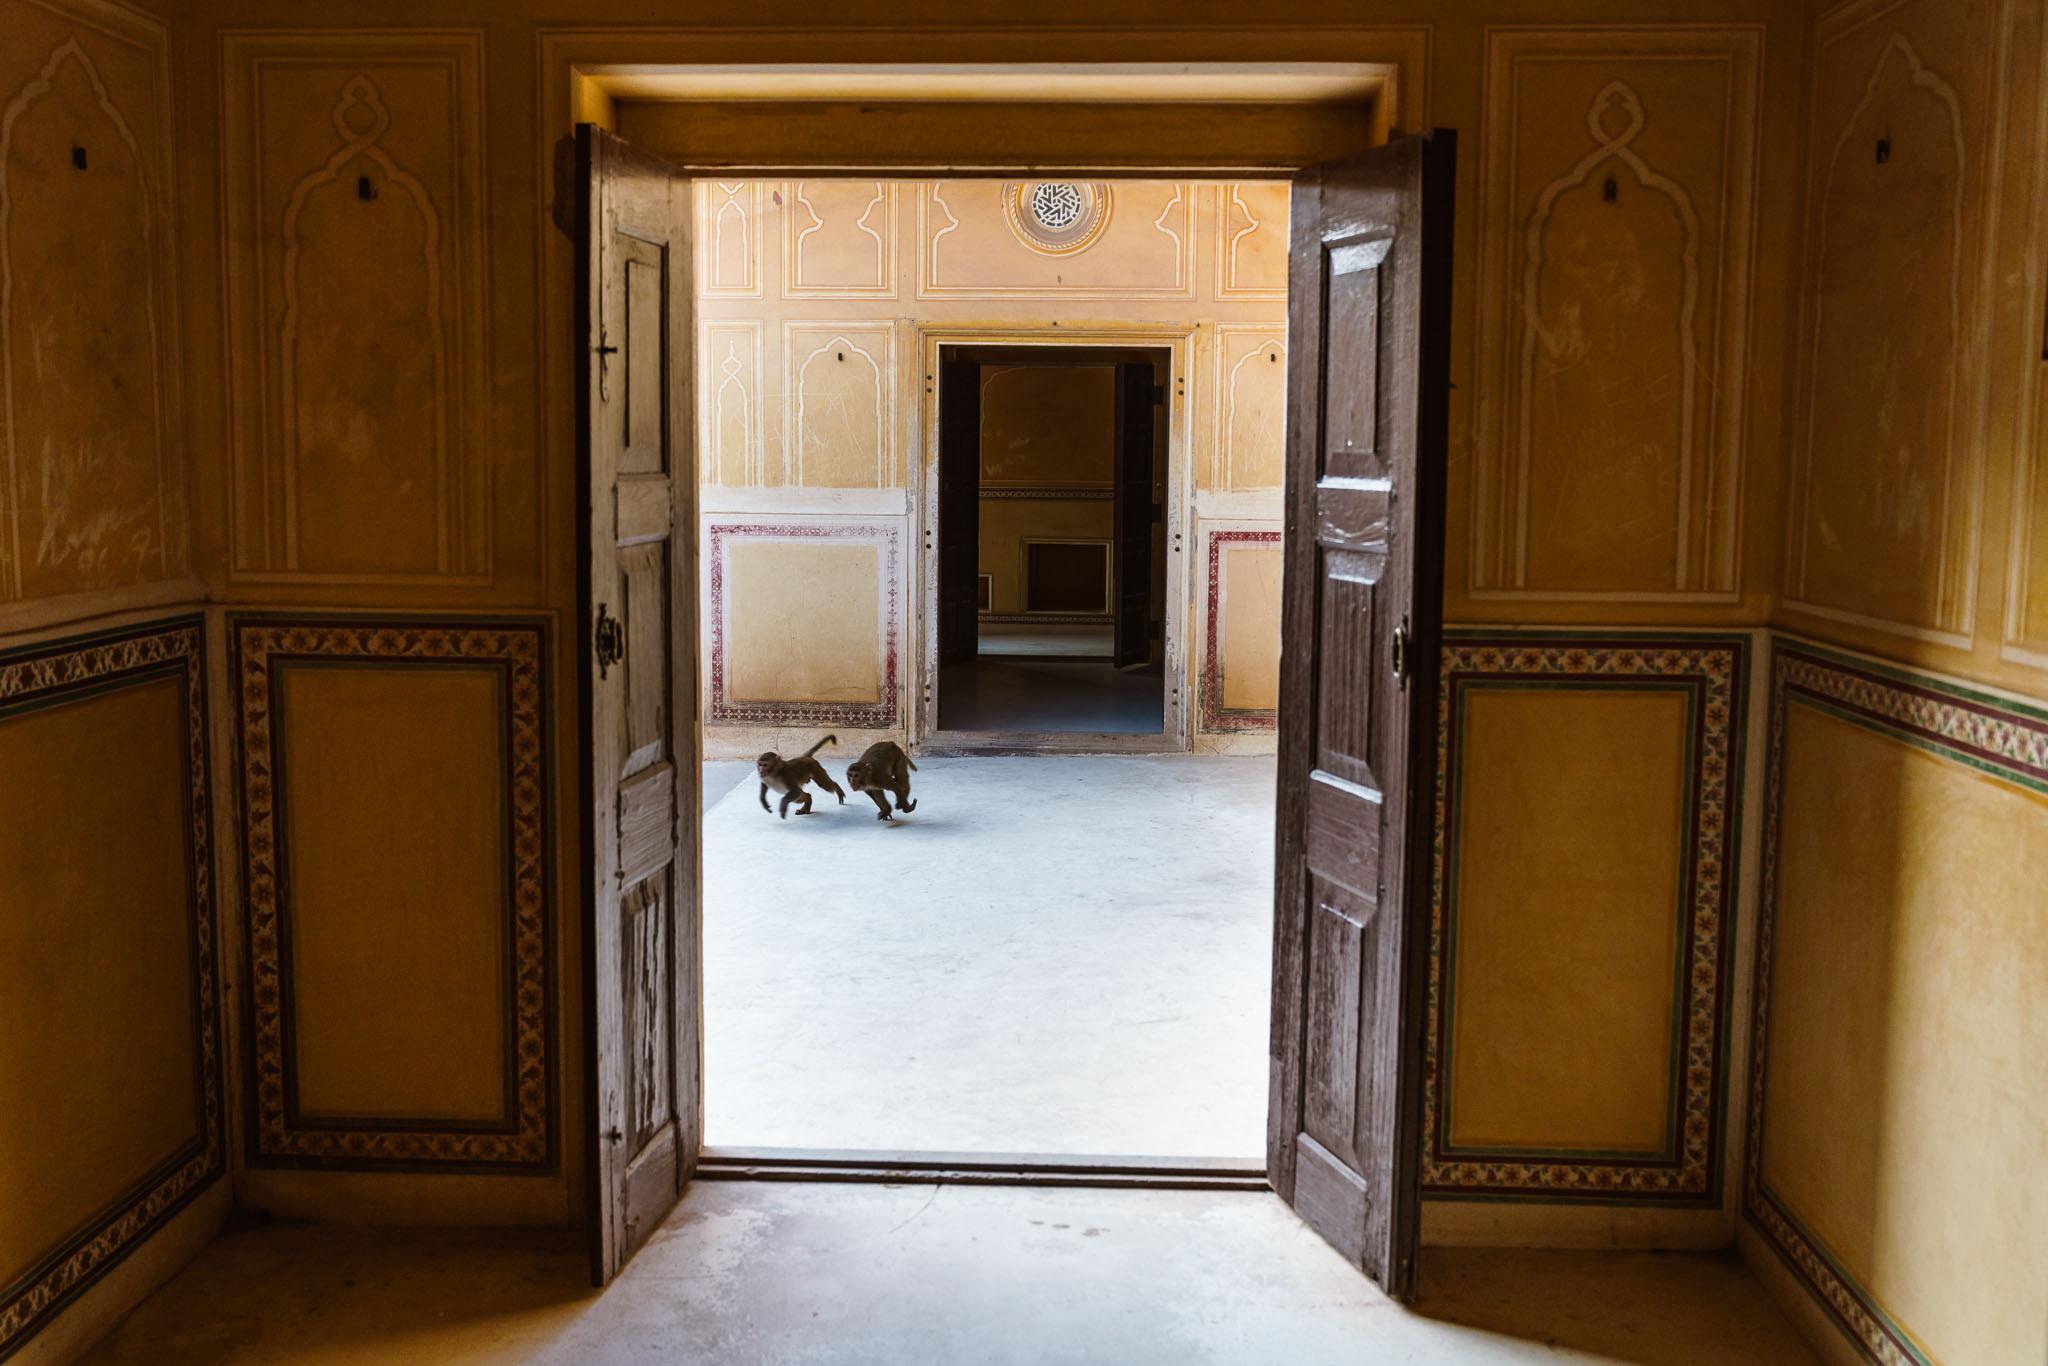 India-jaipur-monkey-2.jpg